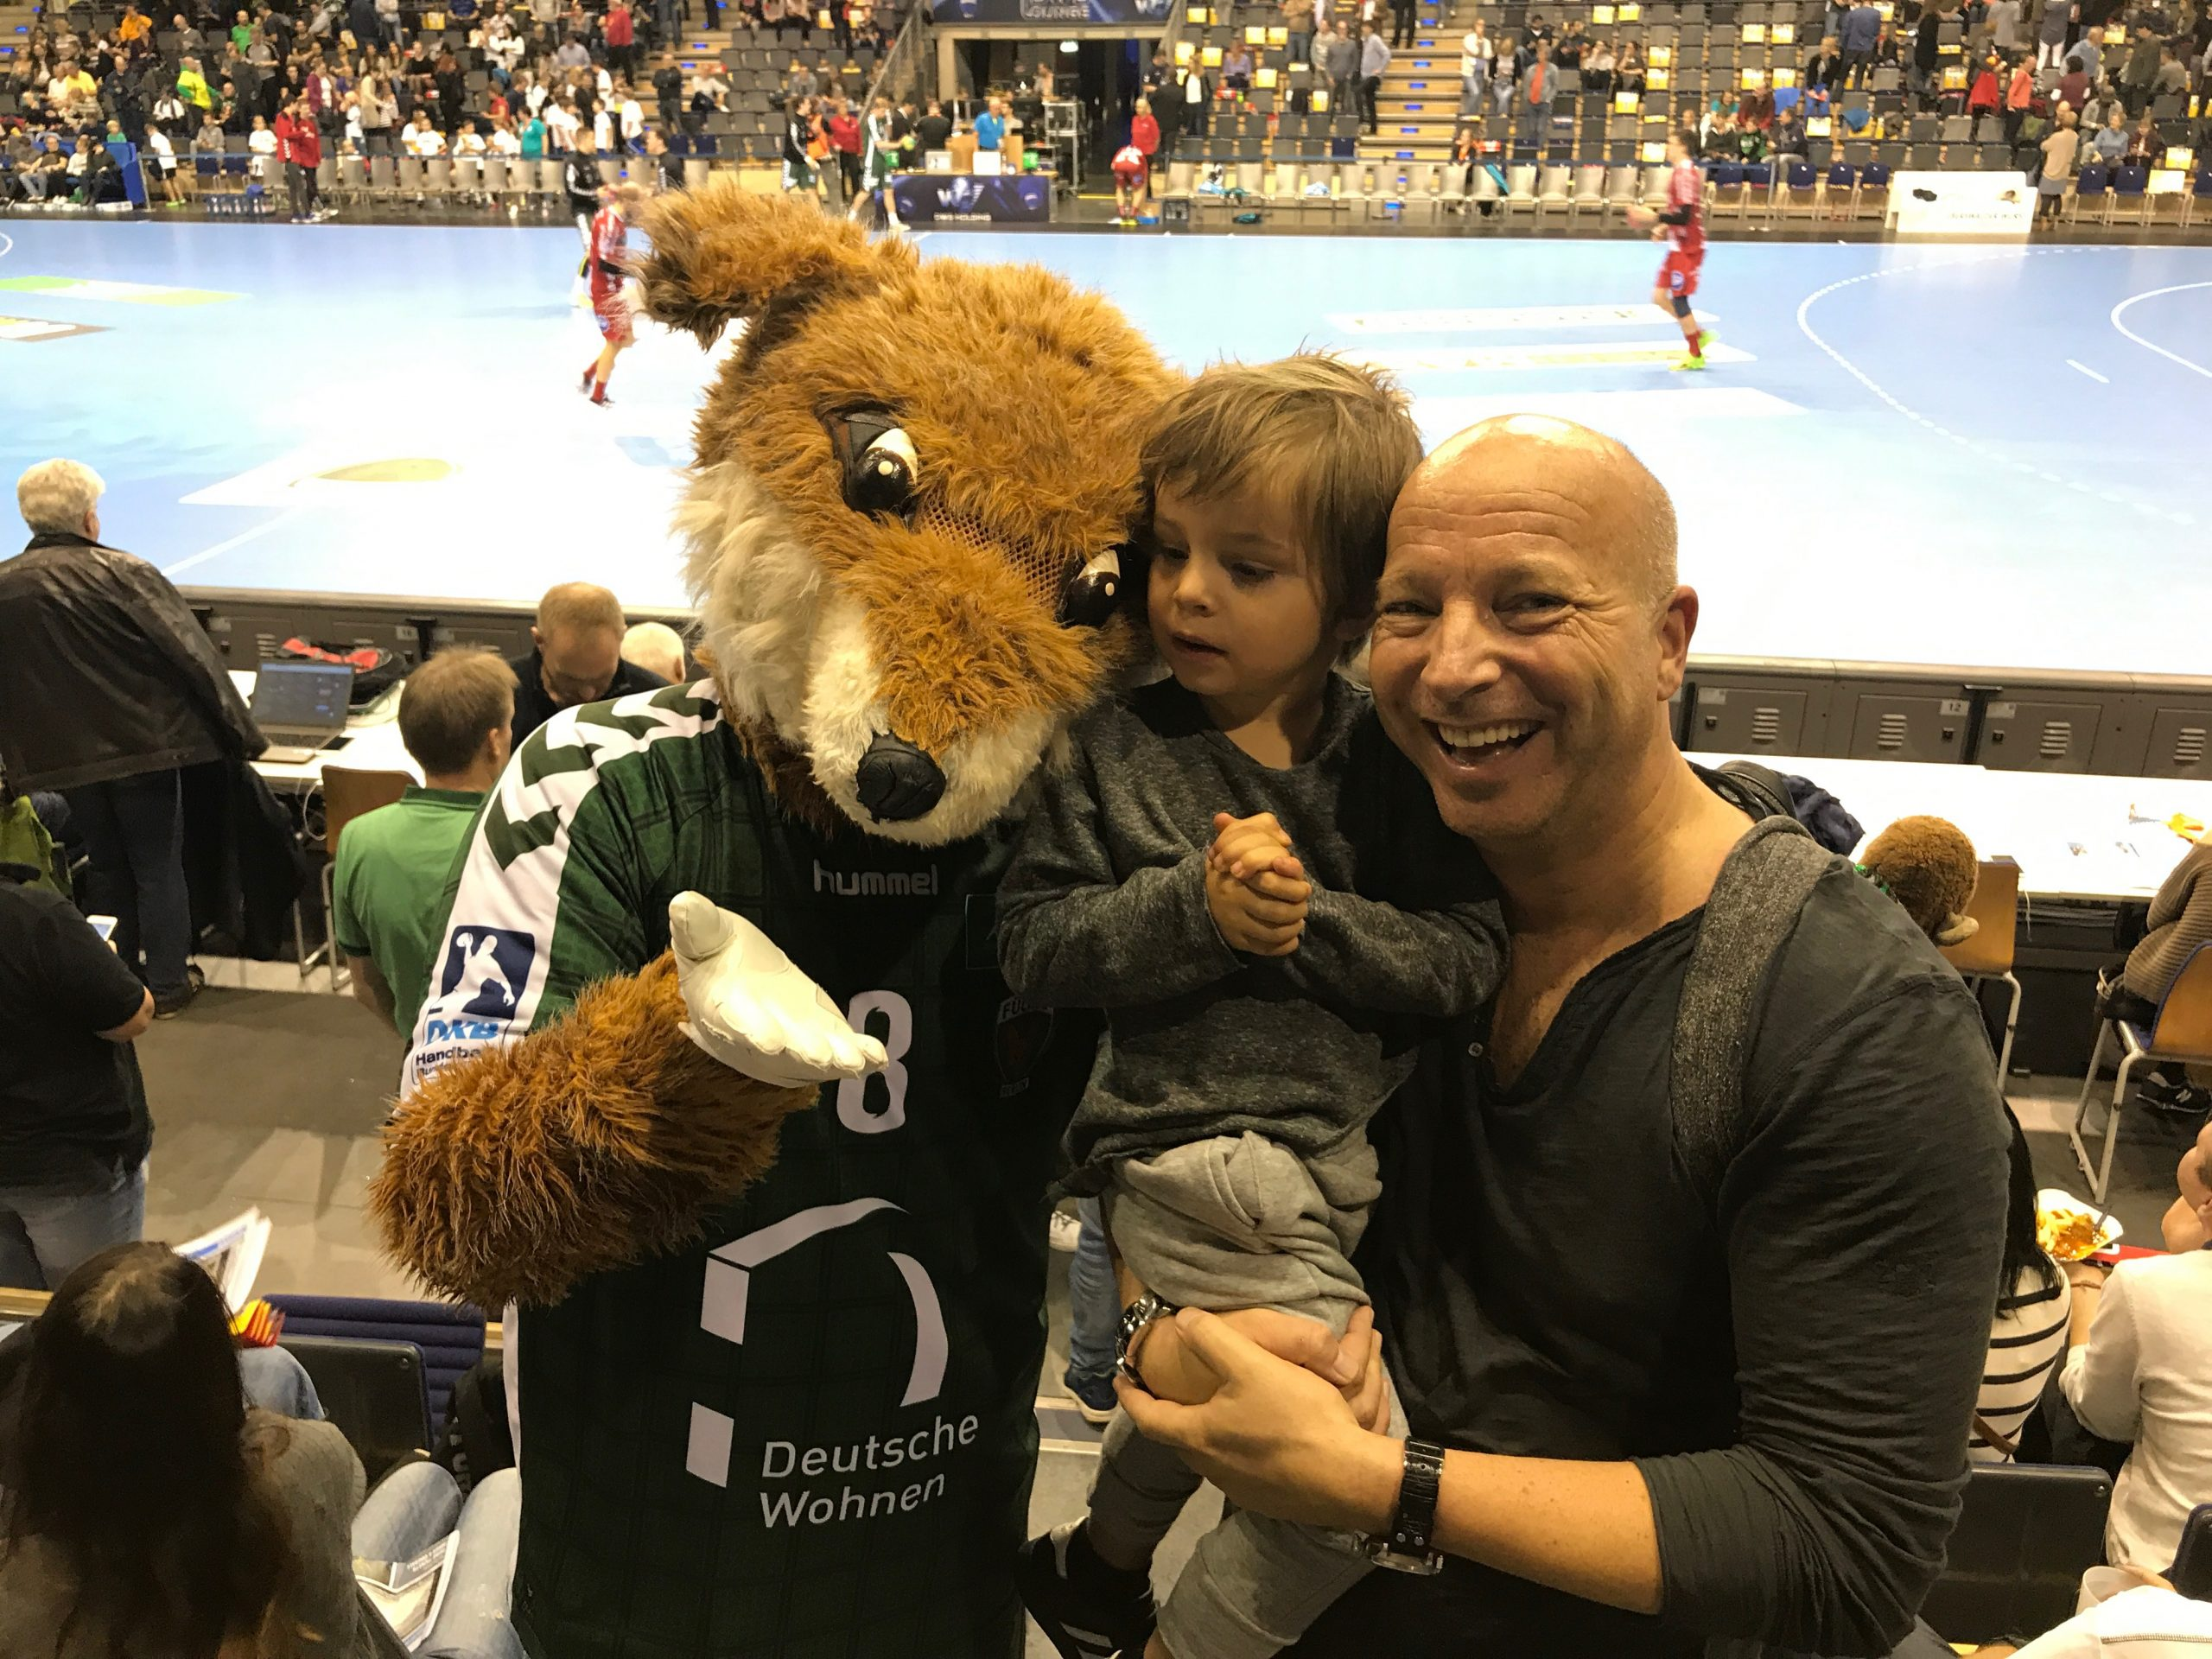 Private Aufnahme von Christopher Jahns mit Sohn Luis beim Handballspiel in Berlin